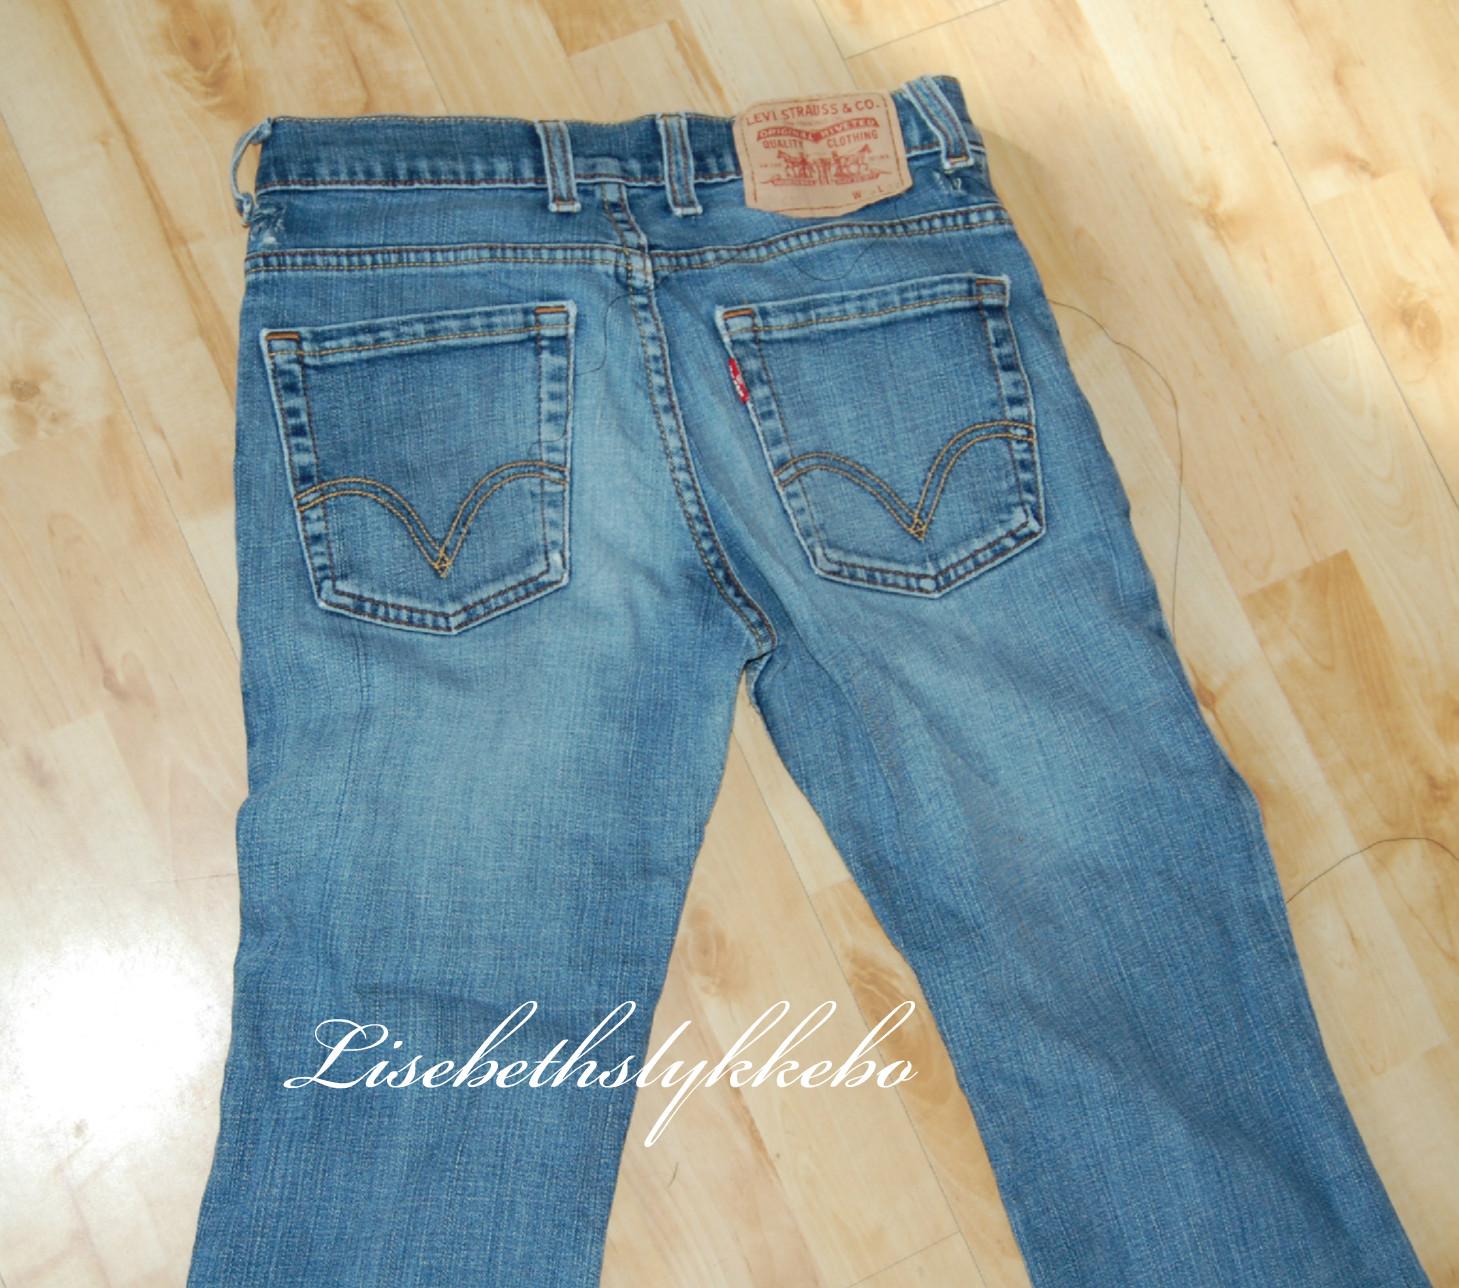 19379ab1 ... bruke disse buksene på. I dag ble det en veske som jeg kan ha  strikketøyet mitt oppi. Da er det lett å dra med seg når jeg er på vei ut  dørene.